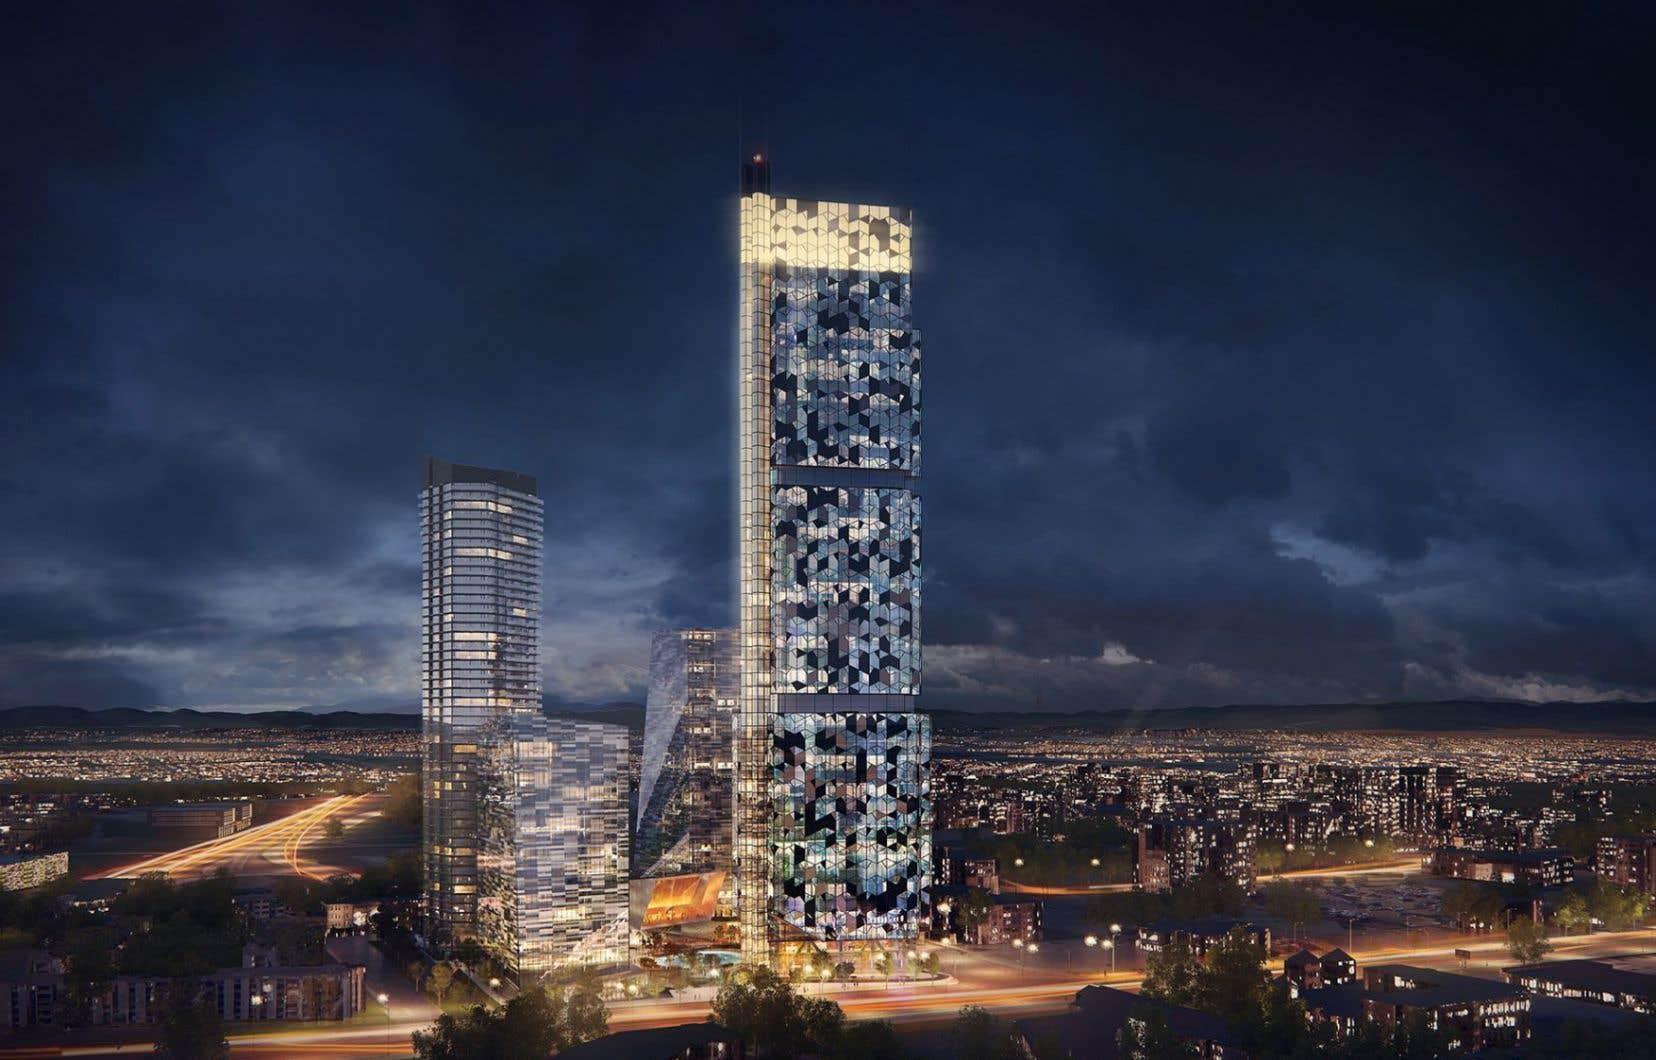 Le projet du Phare fait 65 étages, soit beaucoup plus que ce que lePlan particulier d'urbanisme prévoyait.